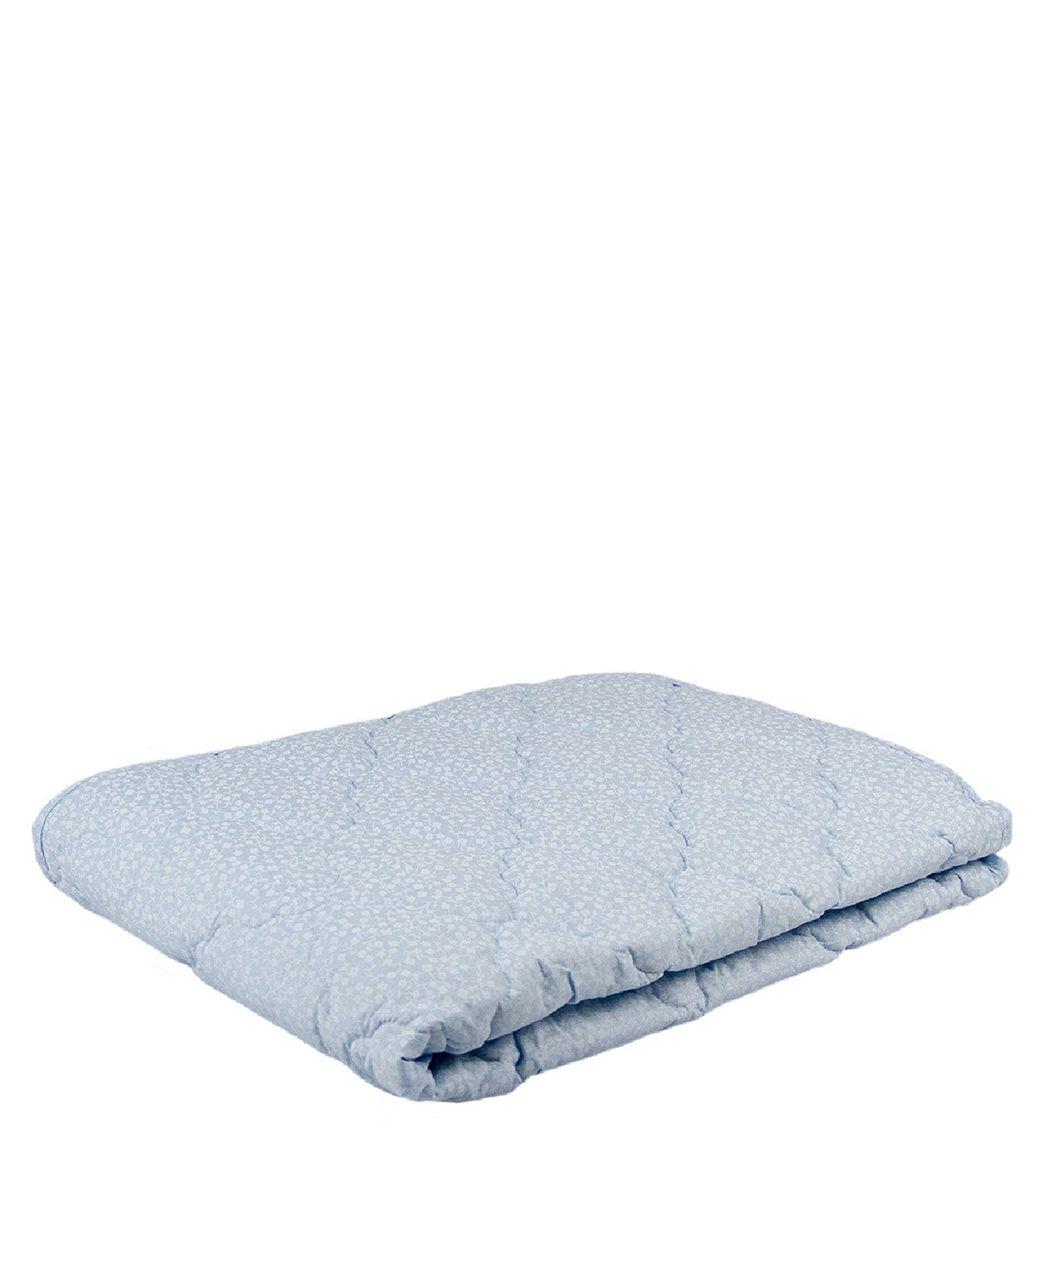 Одеяло облегченное МИ голубой с цветочками